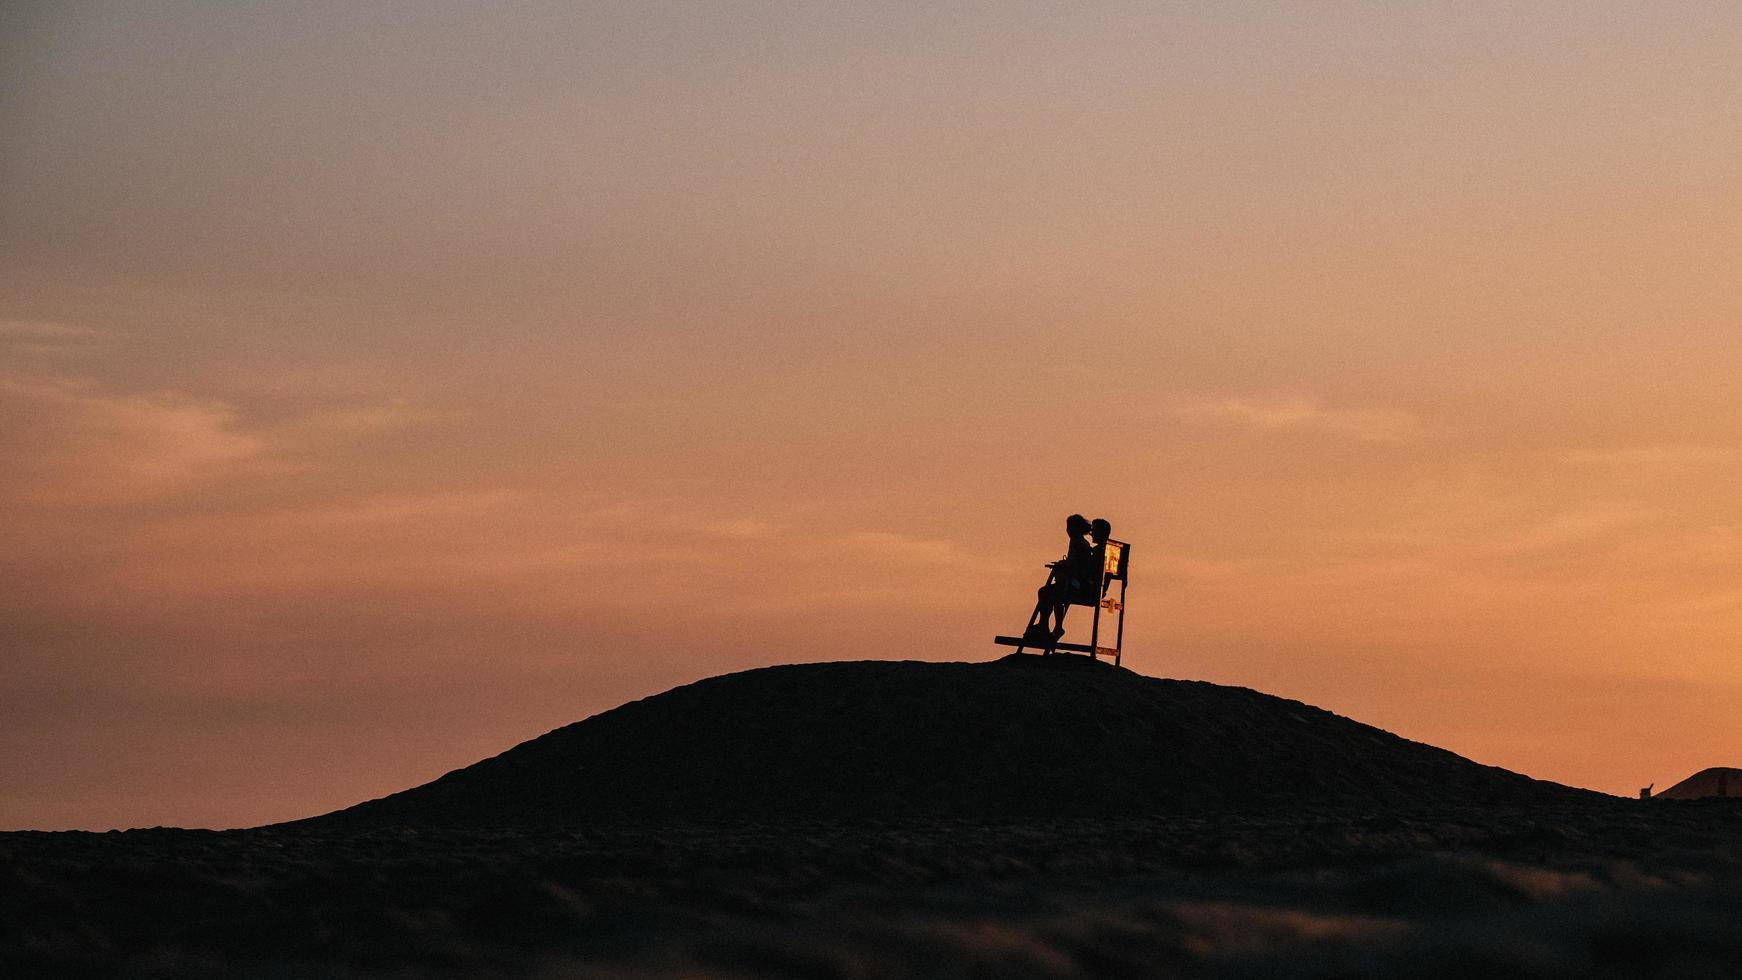 Schattenbild von 2 Personen, die oben auf Berg während Sonnenuntergang stehen foto